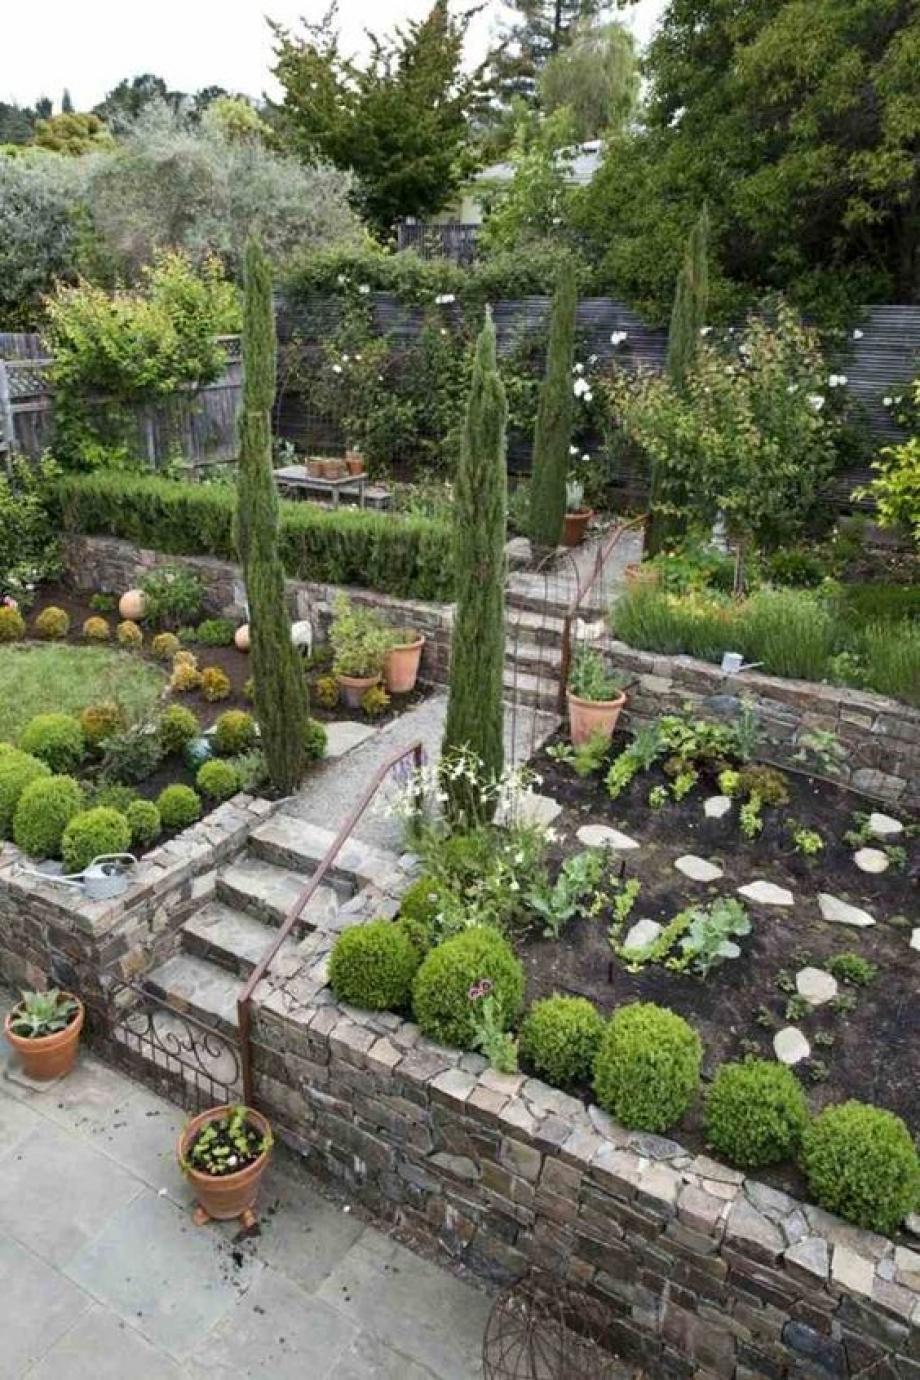 Comment Aménager Son Jardin En Pente comment aménager un jardin pentu ?